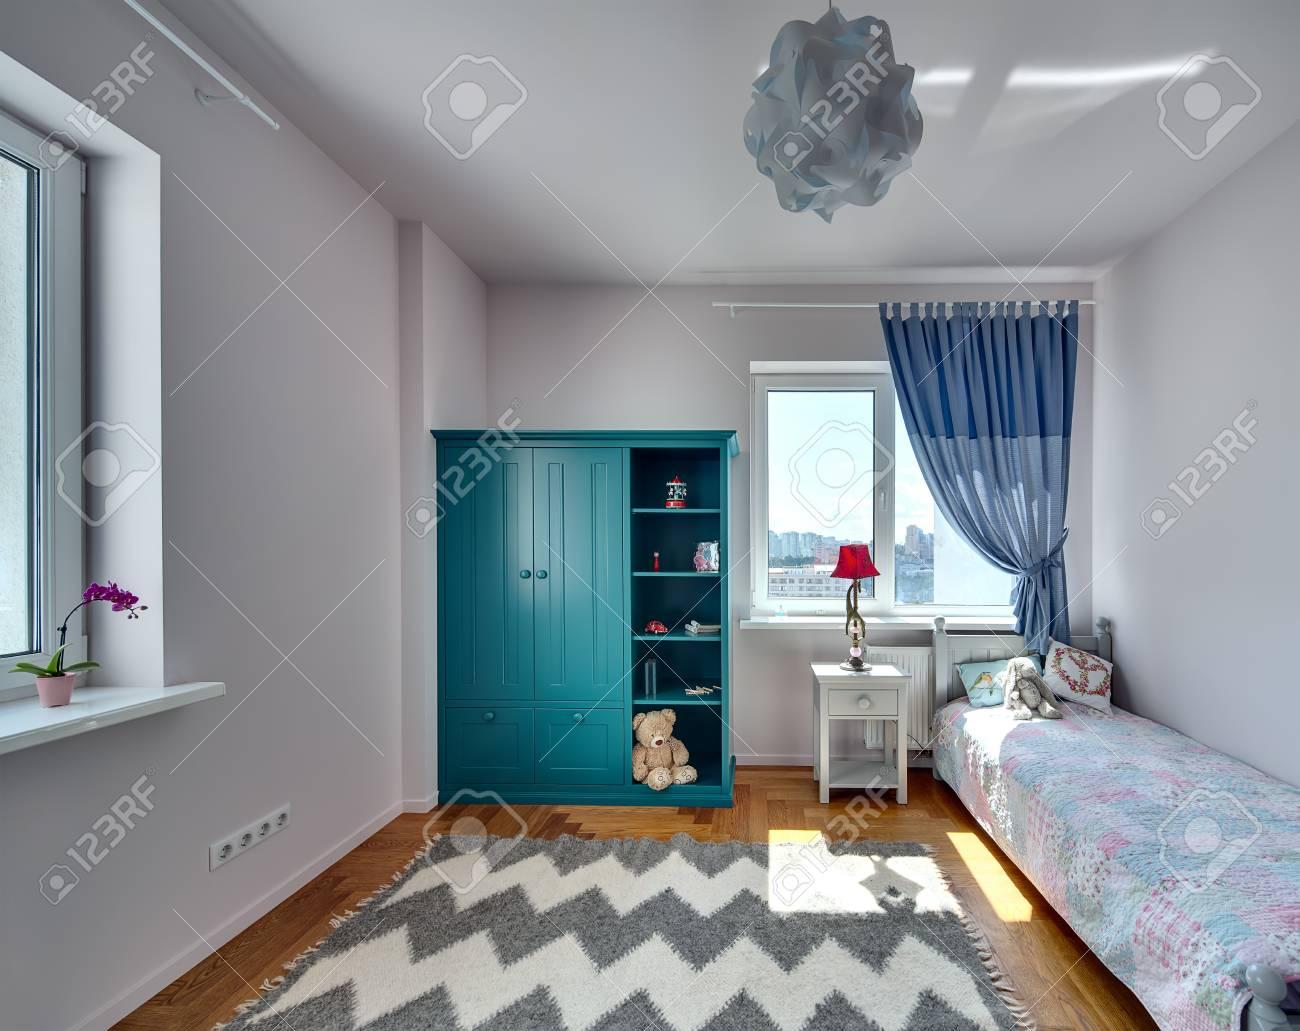 Camera per bambini con pareti chiare e un parquet con moquette sul